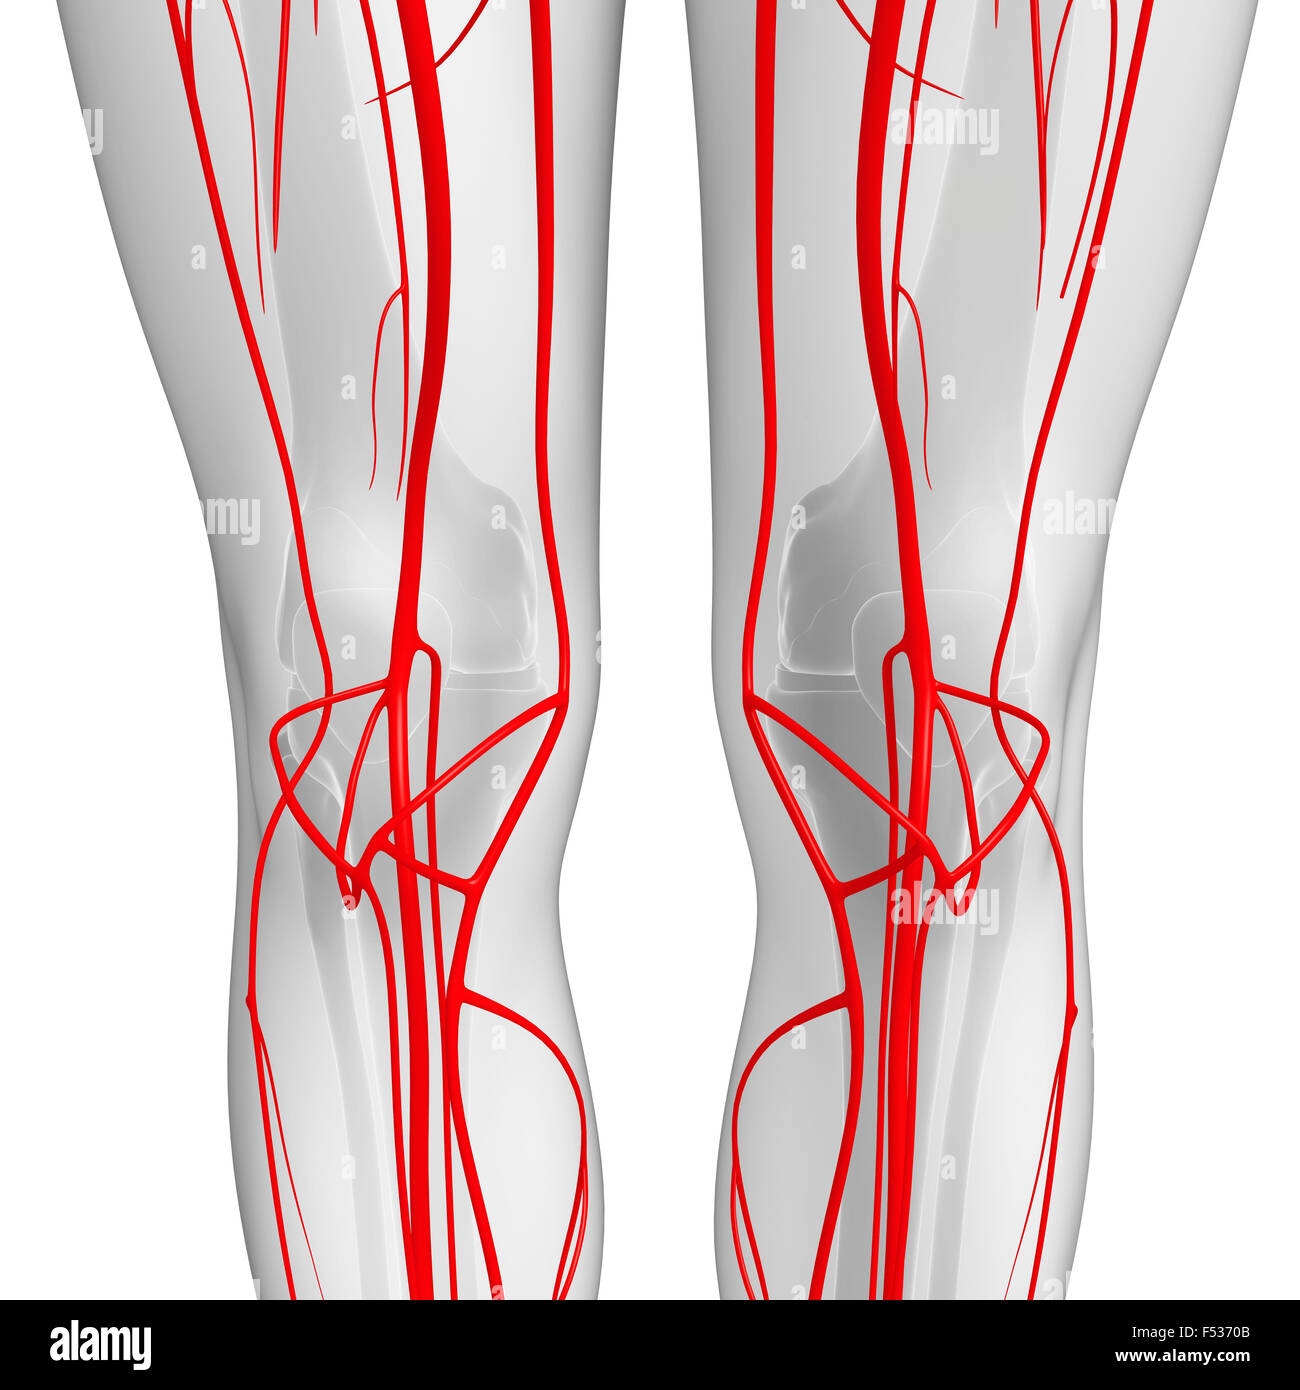 Beste Anatomie Des Arteriellen Systems Bilder - Anatomie Ideen ...